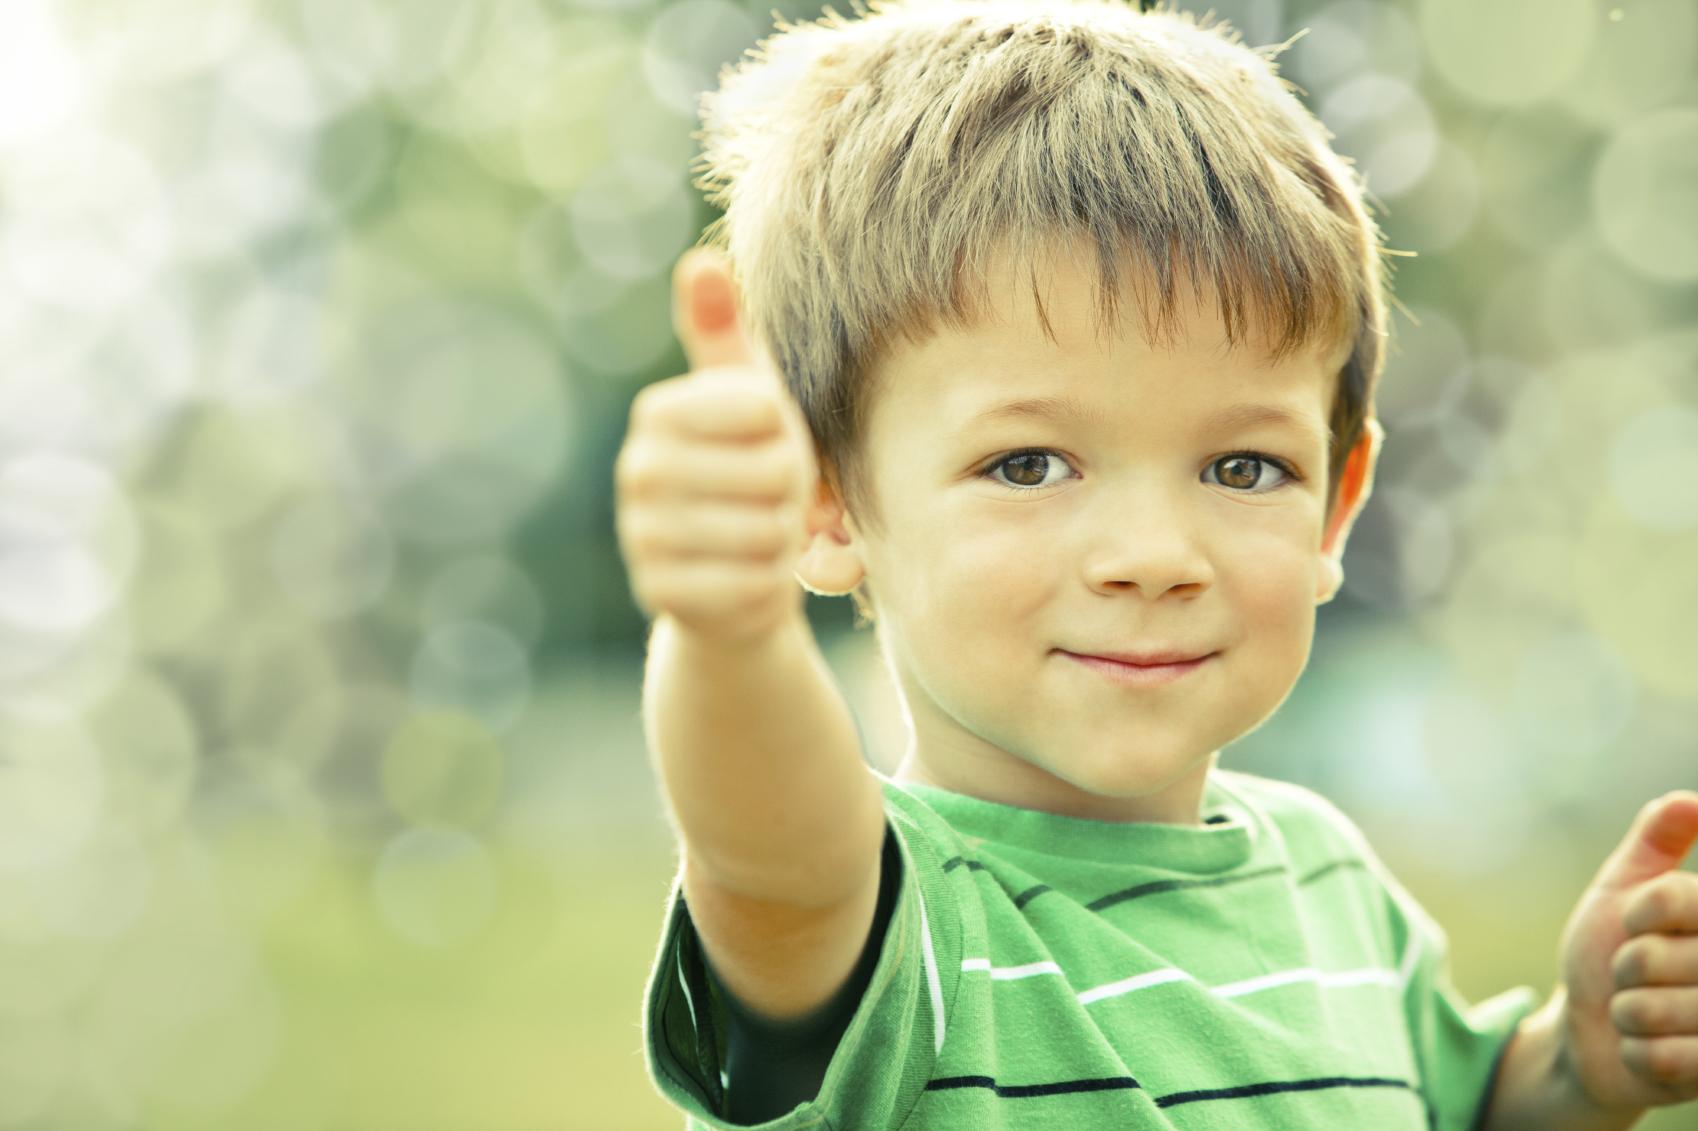 Afbeeldingsresultaat voor happy kid